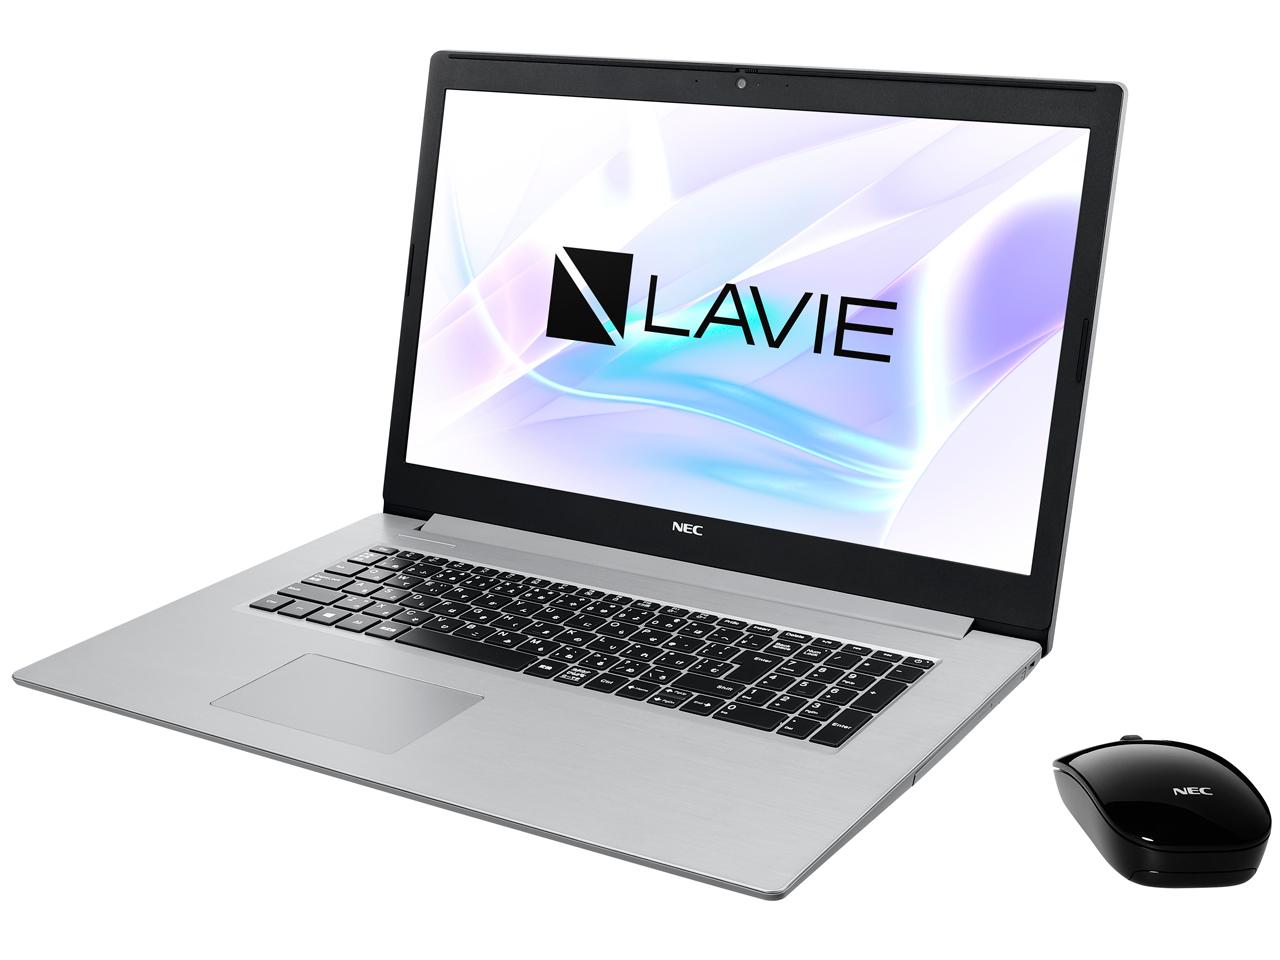 ●NEC LAVIE Note Standard NS350/NAS PC-NS350NAS-E3 [カームシルバー]【量販店モデル】